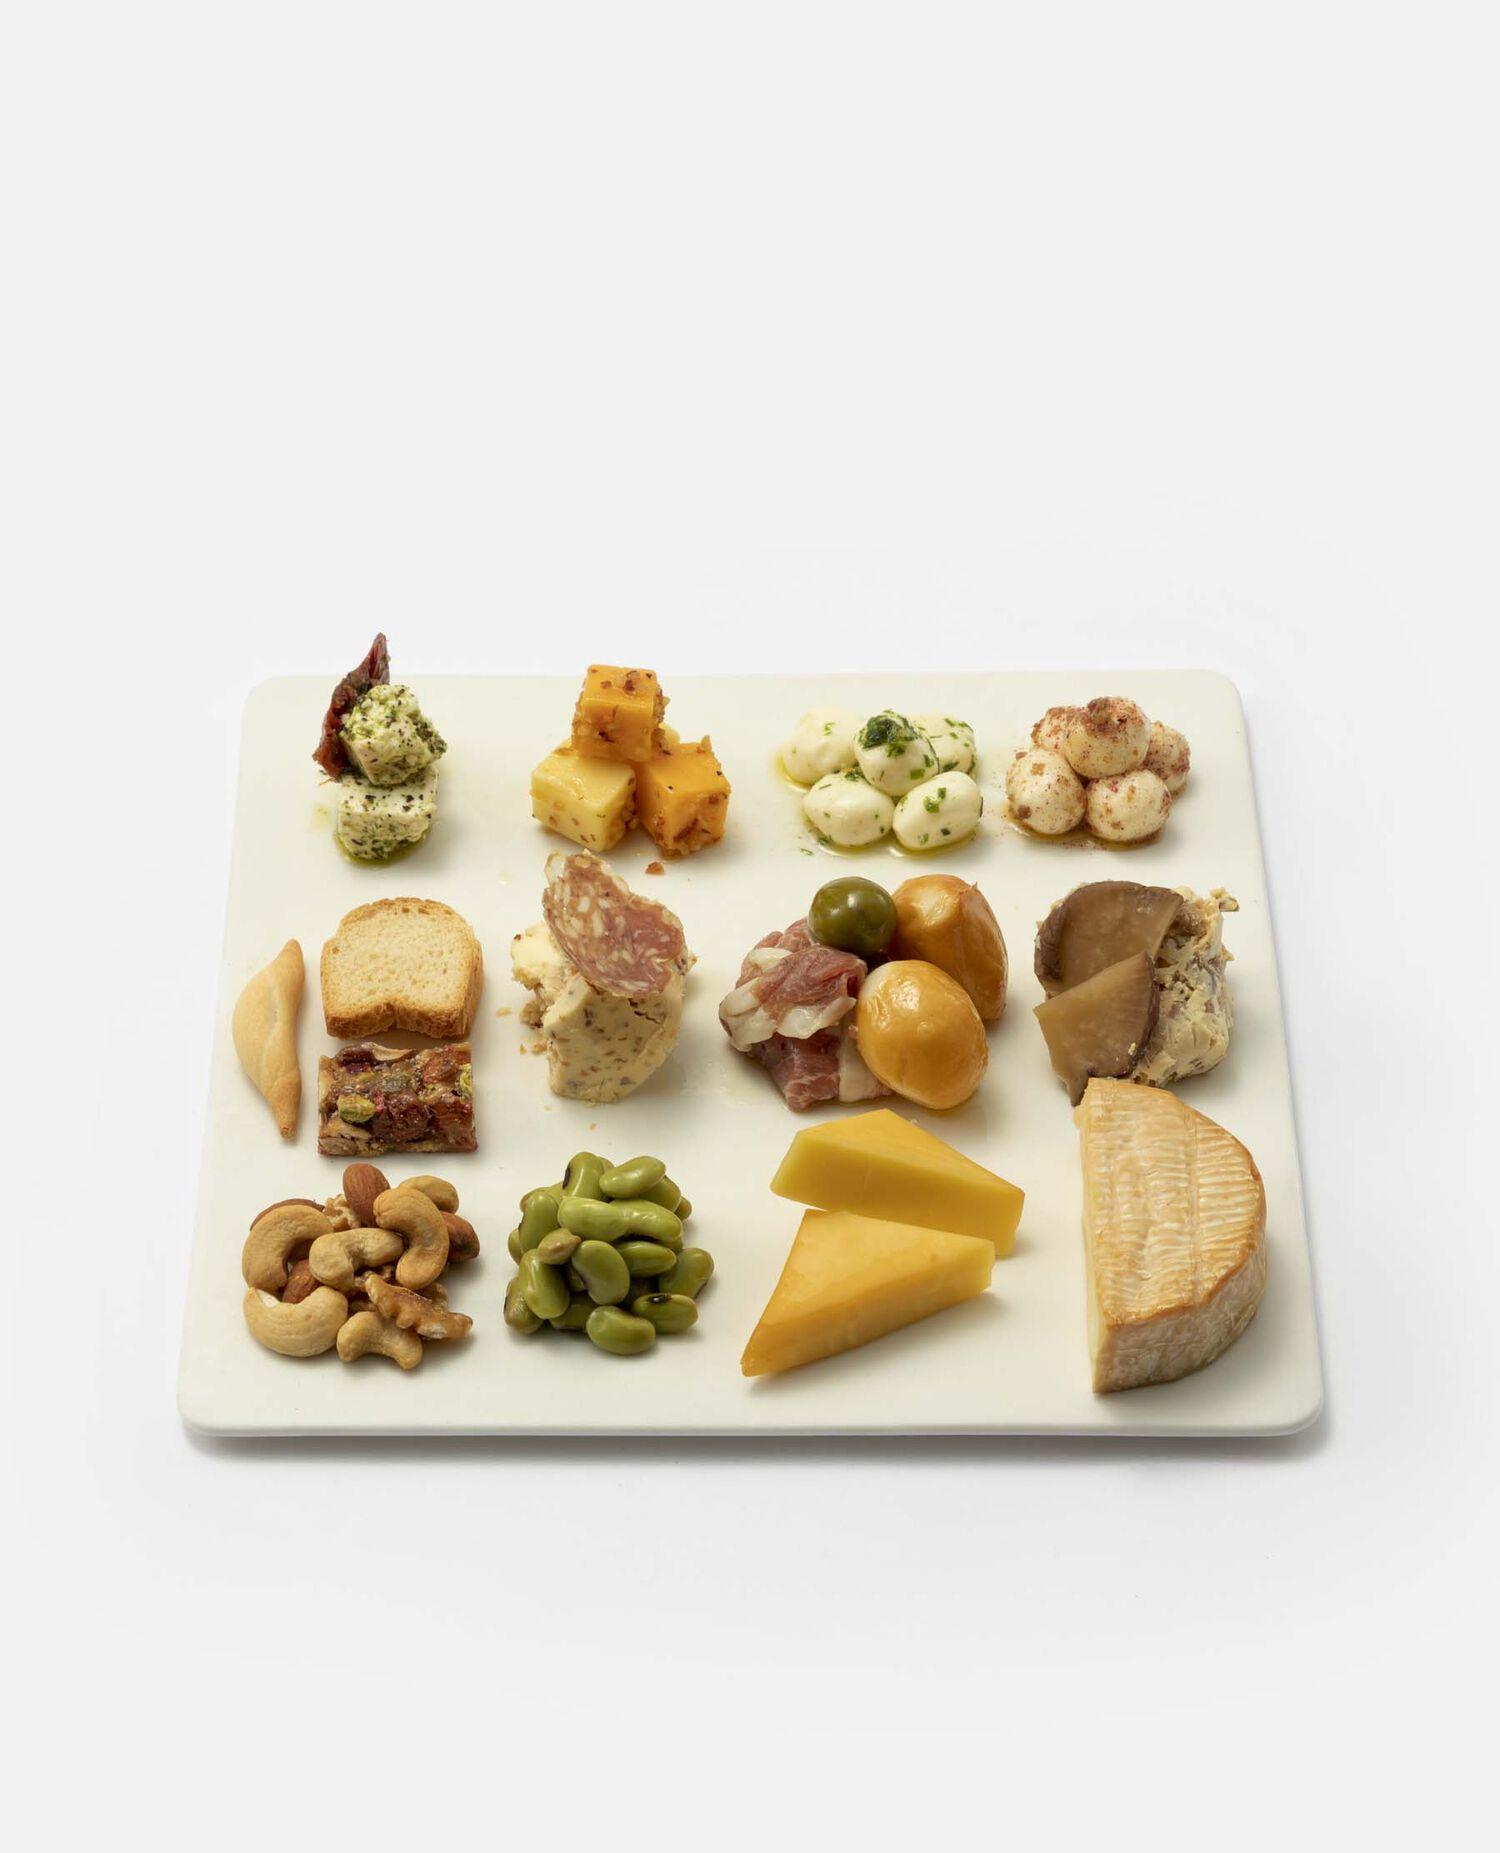 燻製ナチュラルチーズおつまみセット